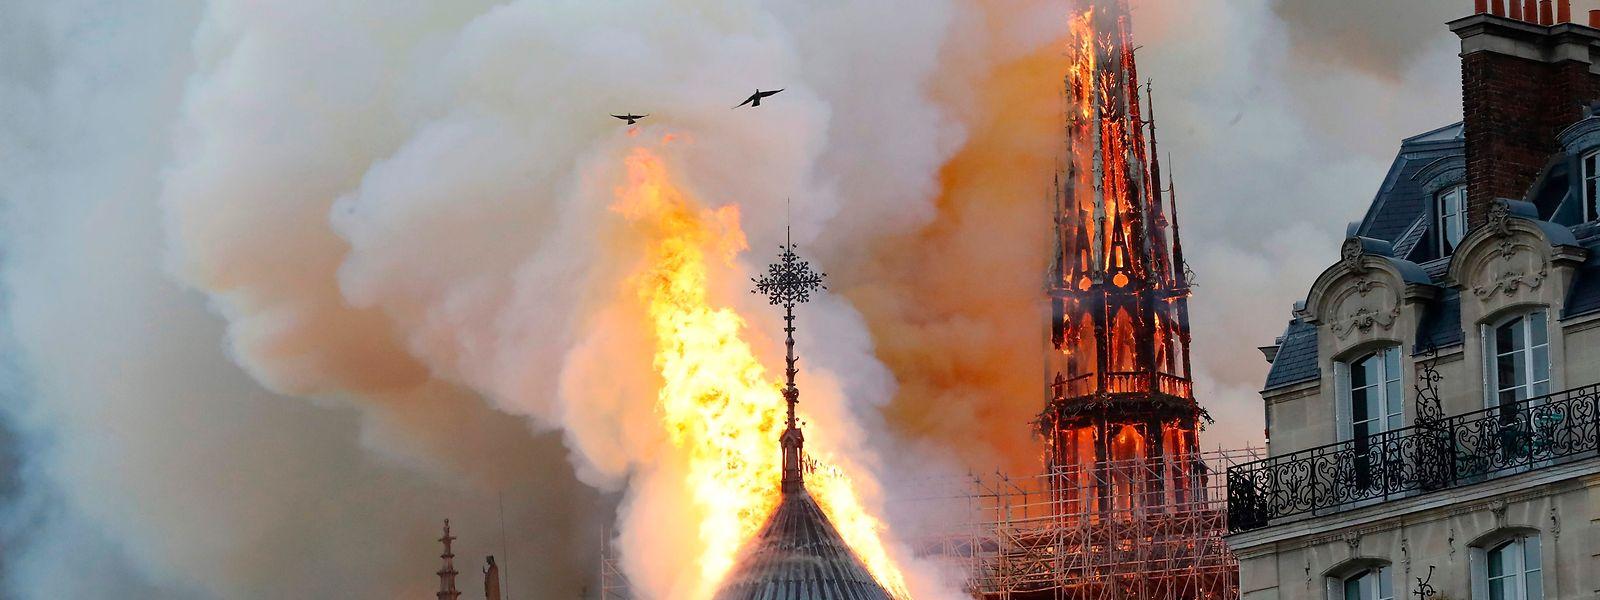 D'immenses flammes embrasent la toiture de Notre-Dame de Paris, le bâtiment le plus visité d'Europe.